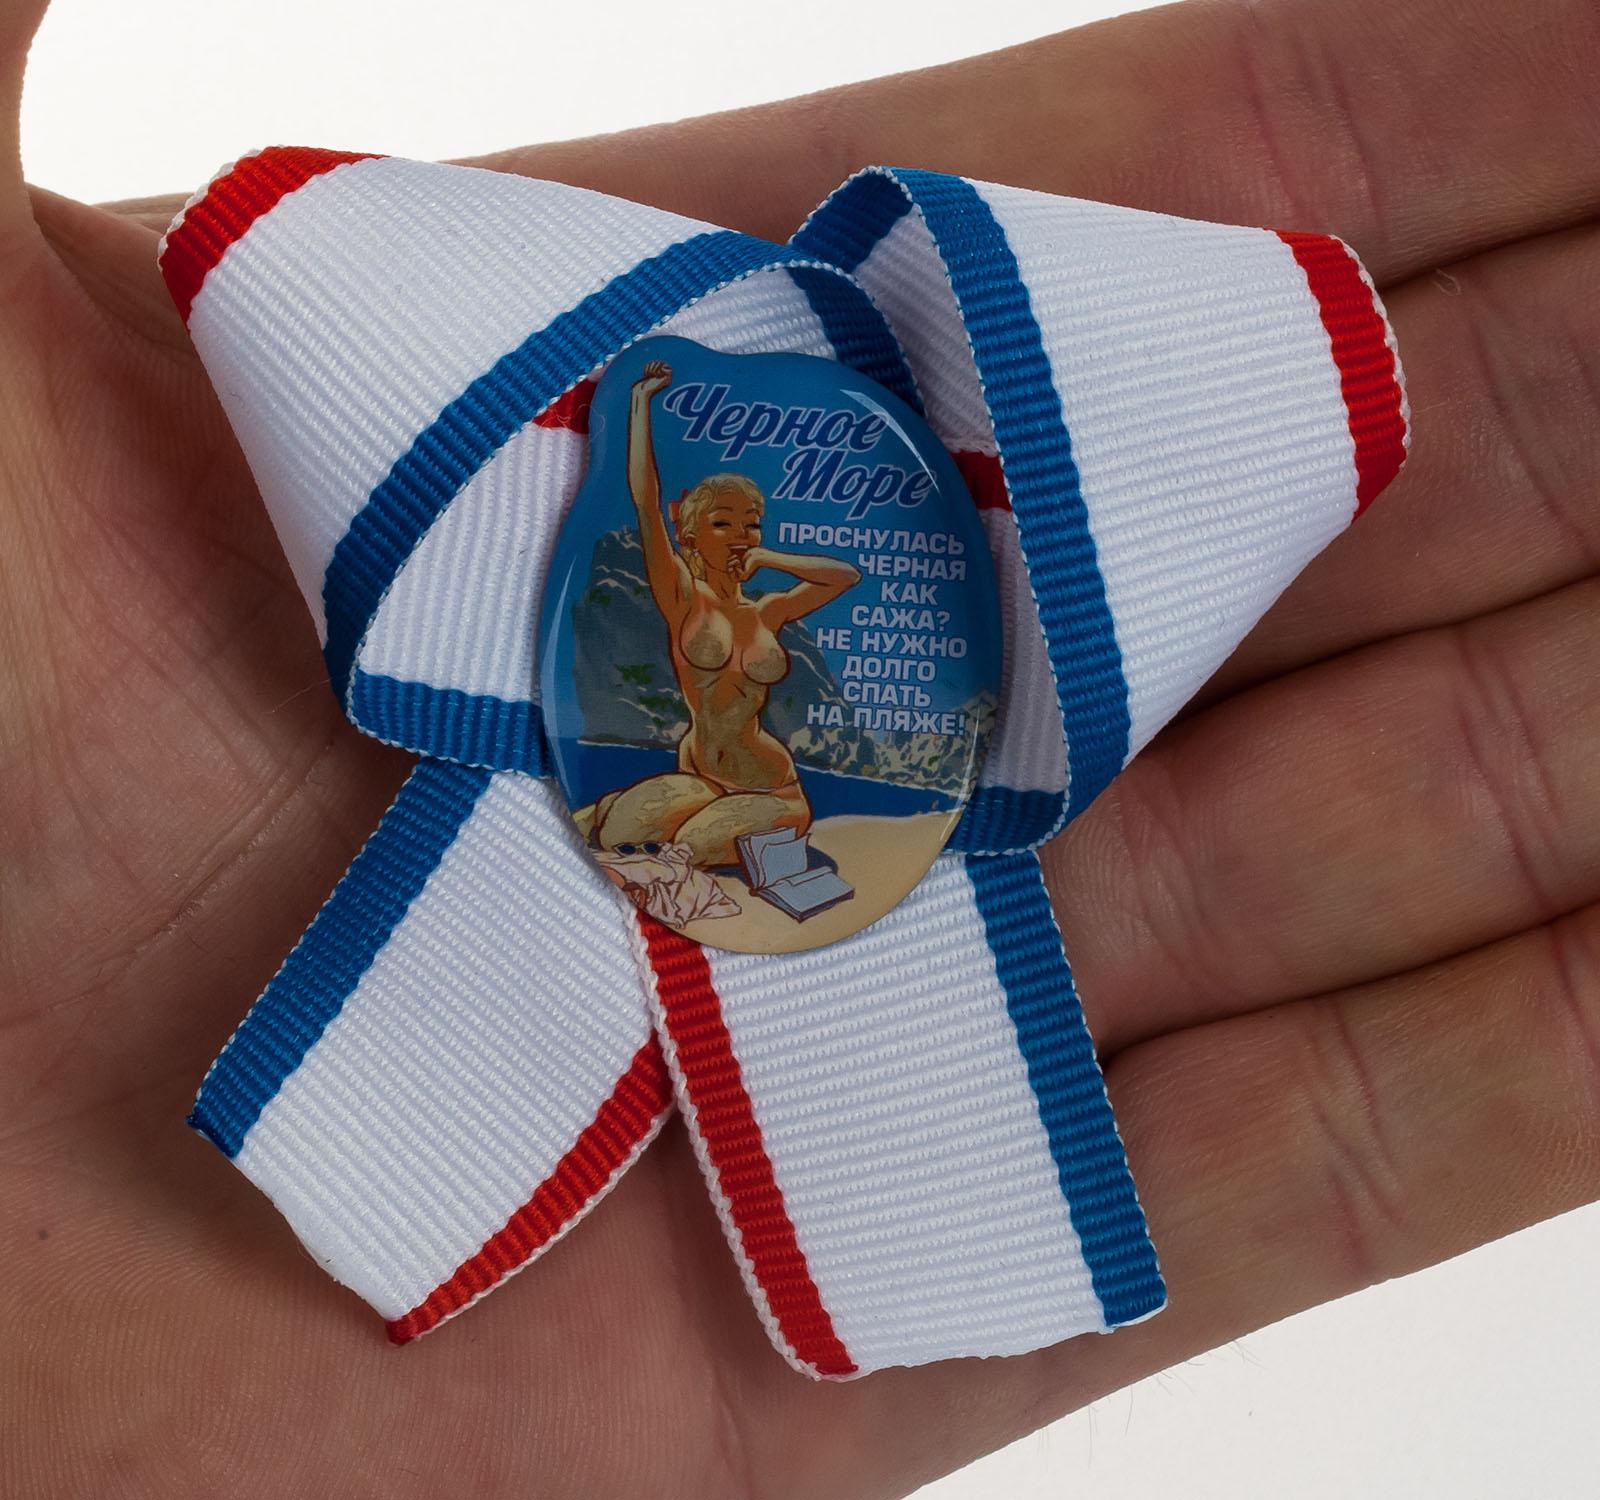 Крымские значки заказать с доставкой недорого